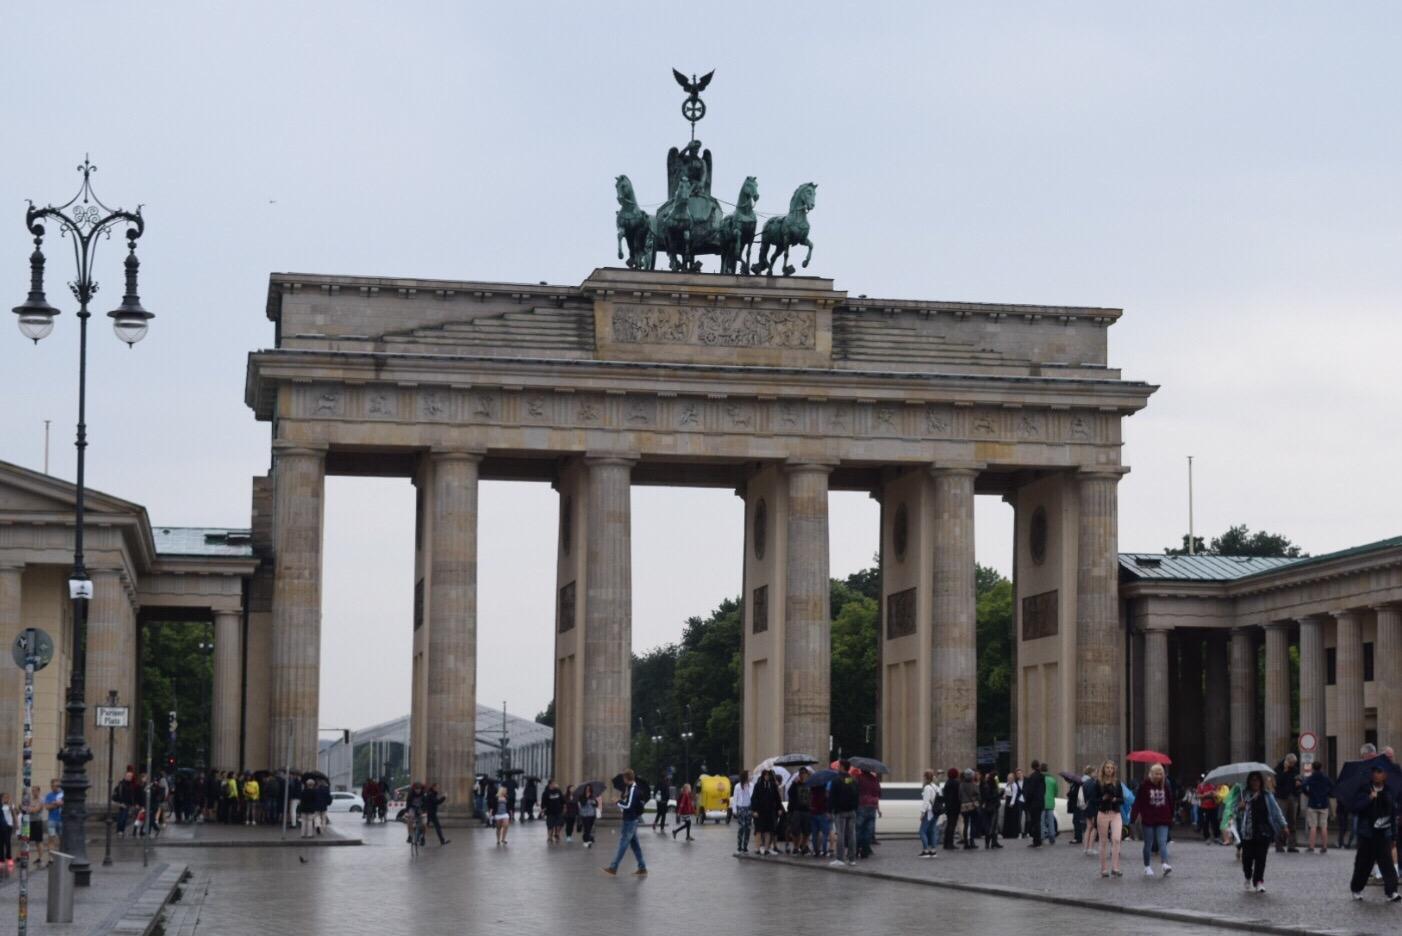 Berlin: History all around us